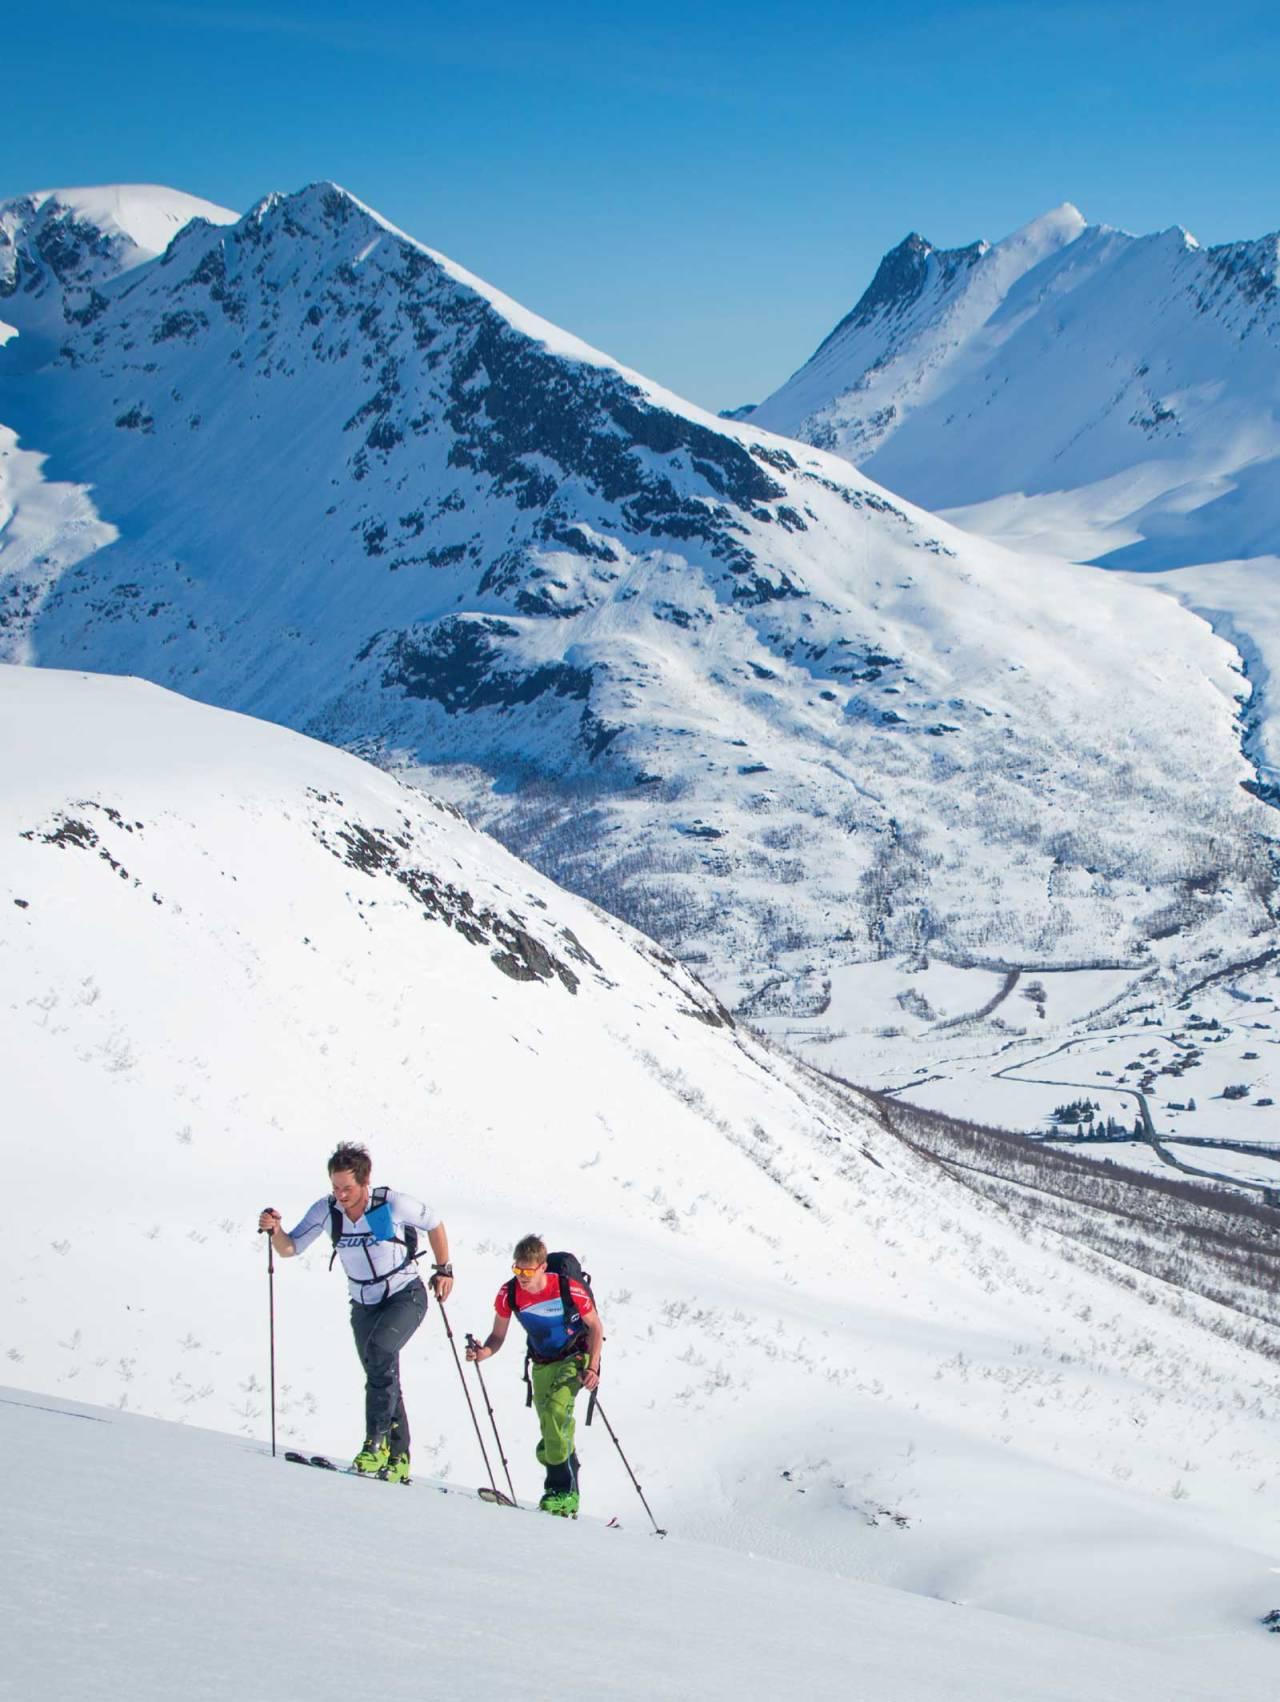 od utsikt over hyttefelta på Overøye frå ruta på Auskjeret. Vi skimtar øvre del av skianlegget nede til høgre. Foto: Håvard Myklebust.